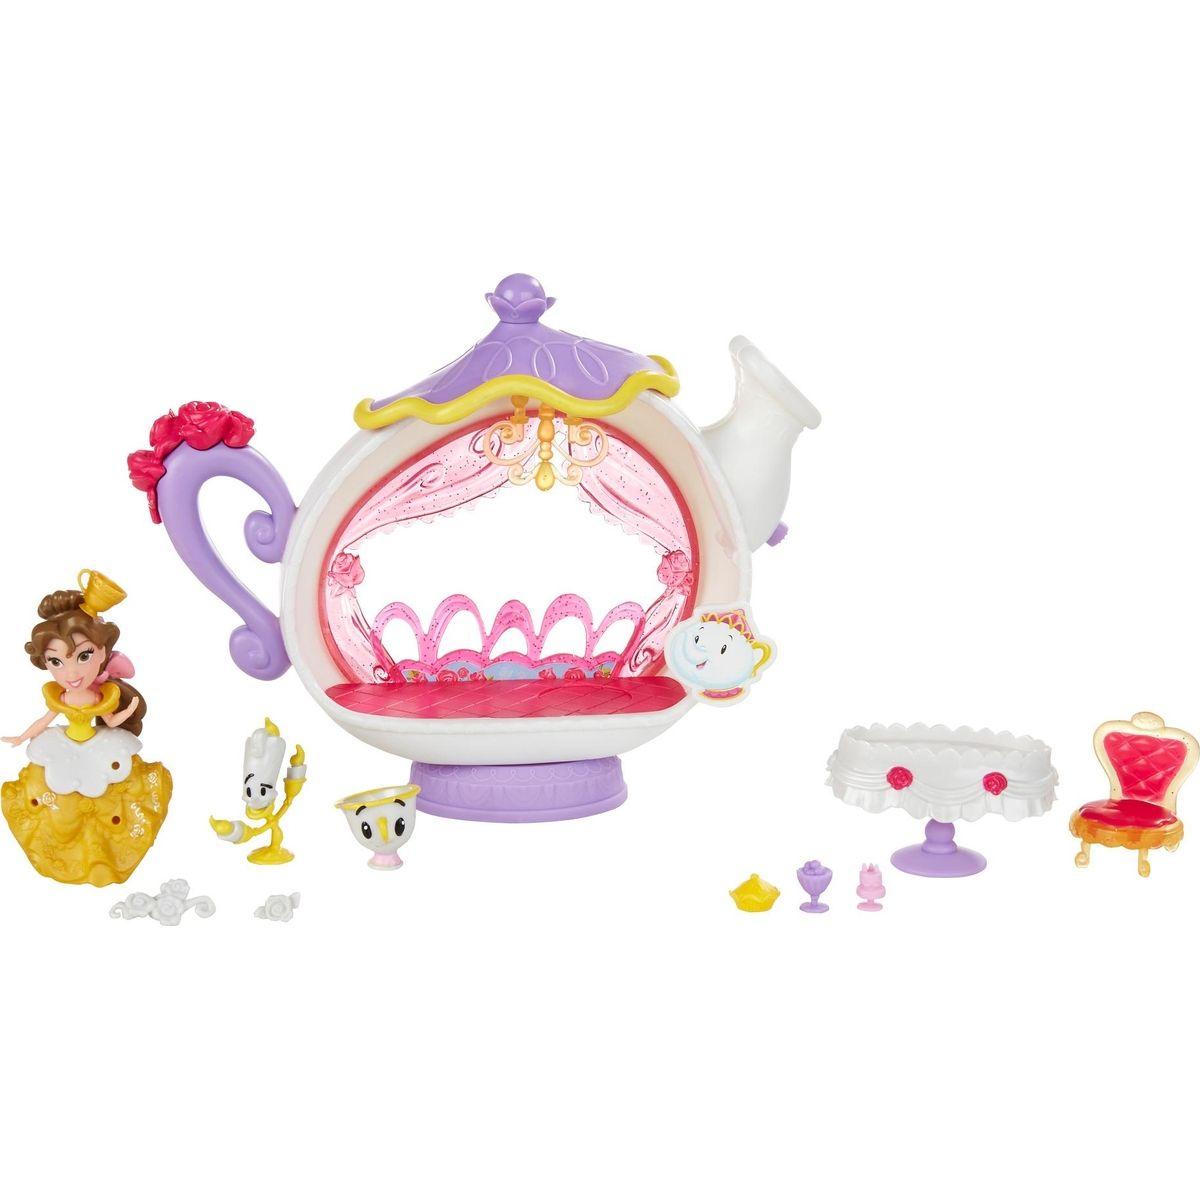 Hasbro Disney Princess Mini hrací set s panenkou Kráska